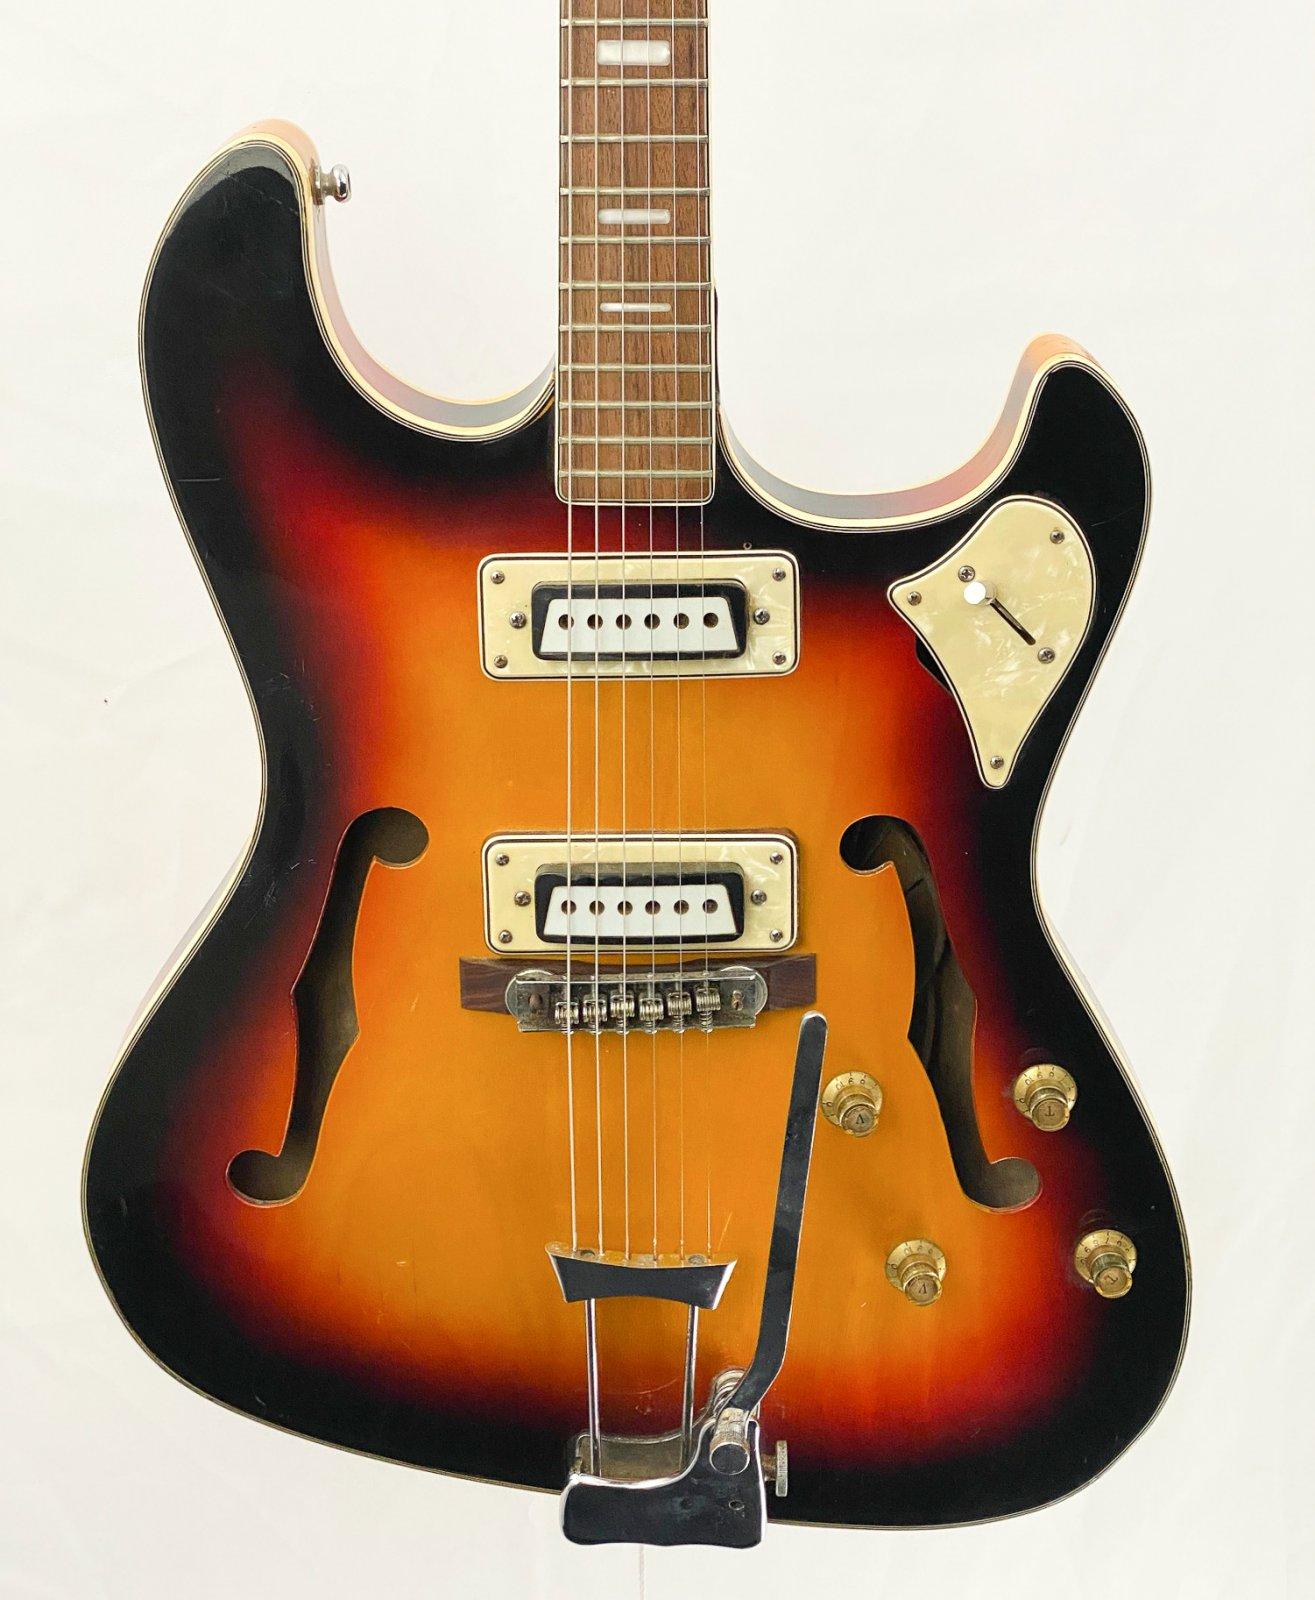 Vintage 60s Aria/Toledo 1202T hollow body - MIJ